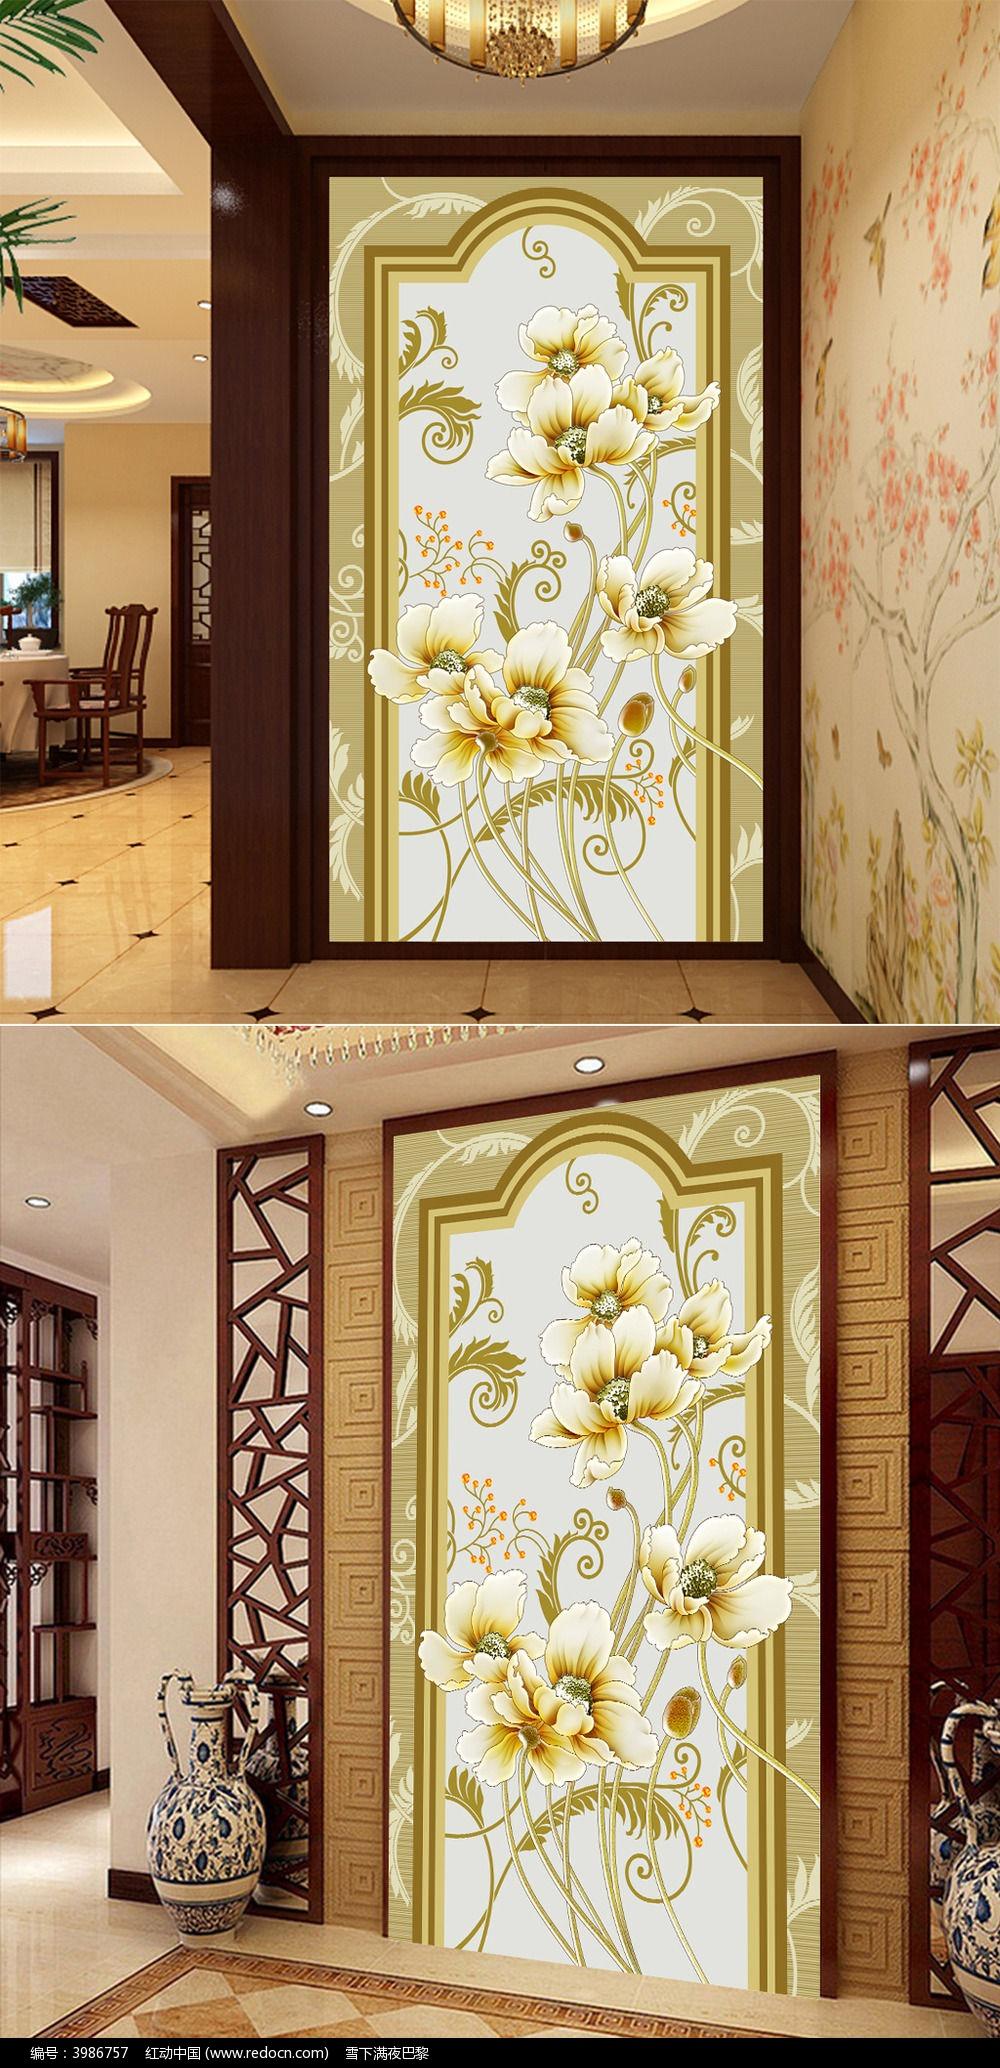 精品欧式花朵彩雕玄关装饰画